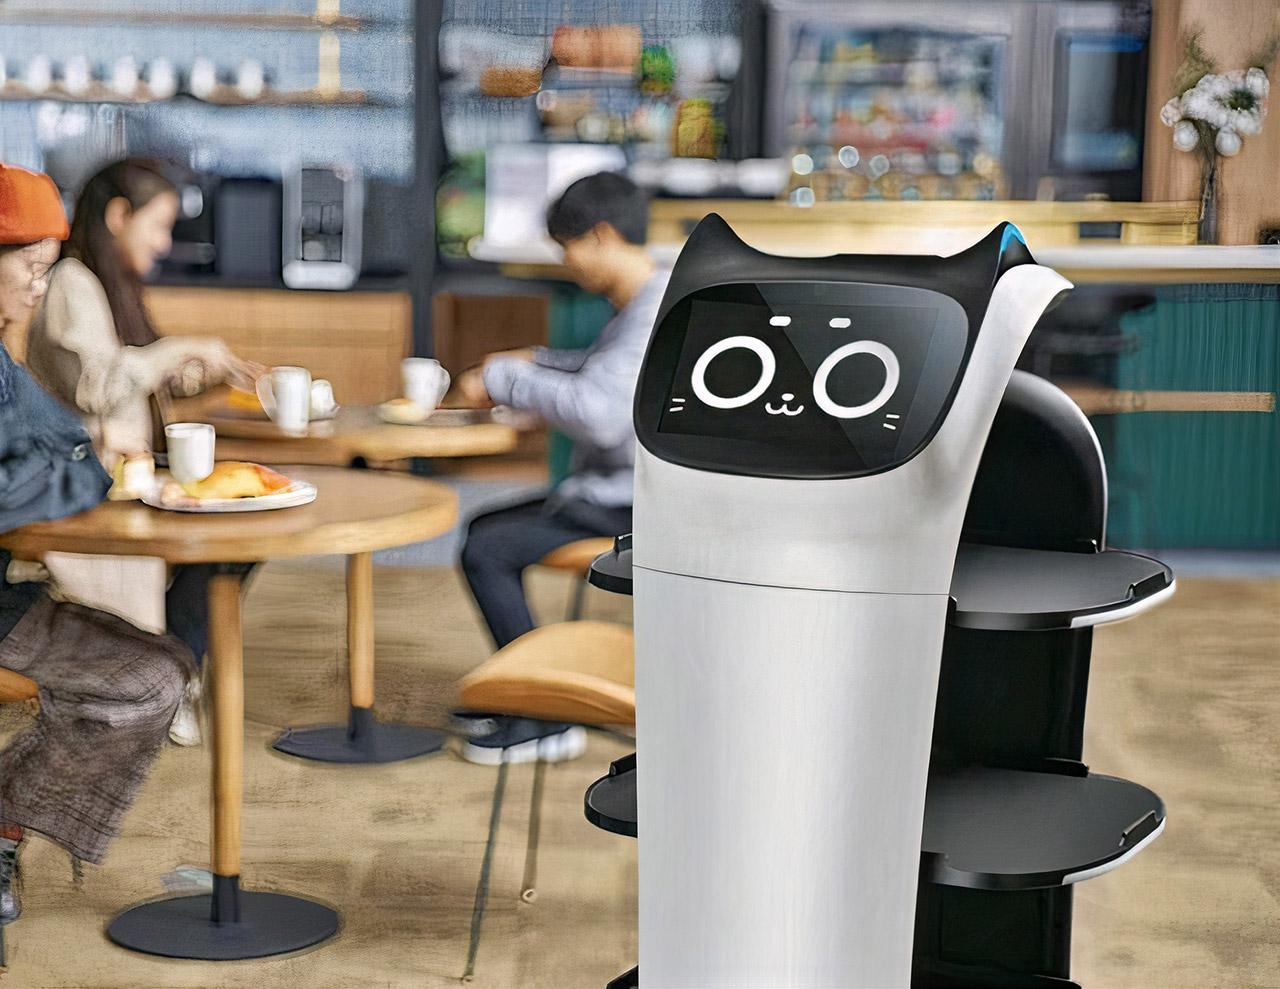 BellaBot Cat Robot